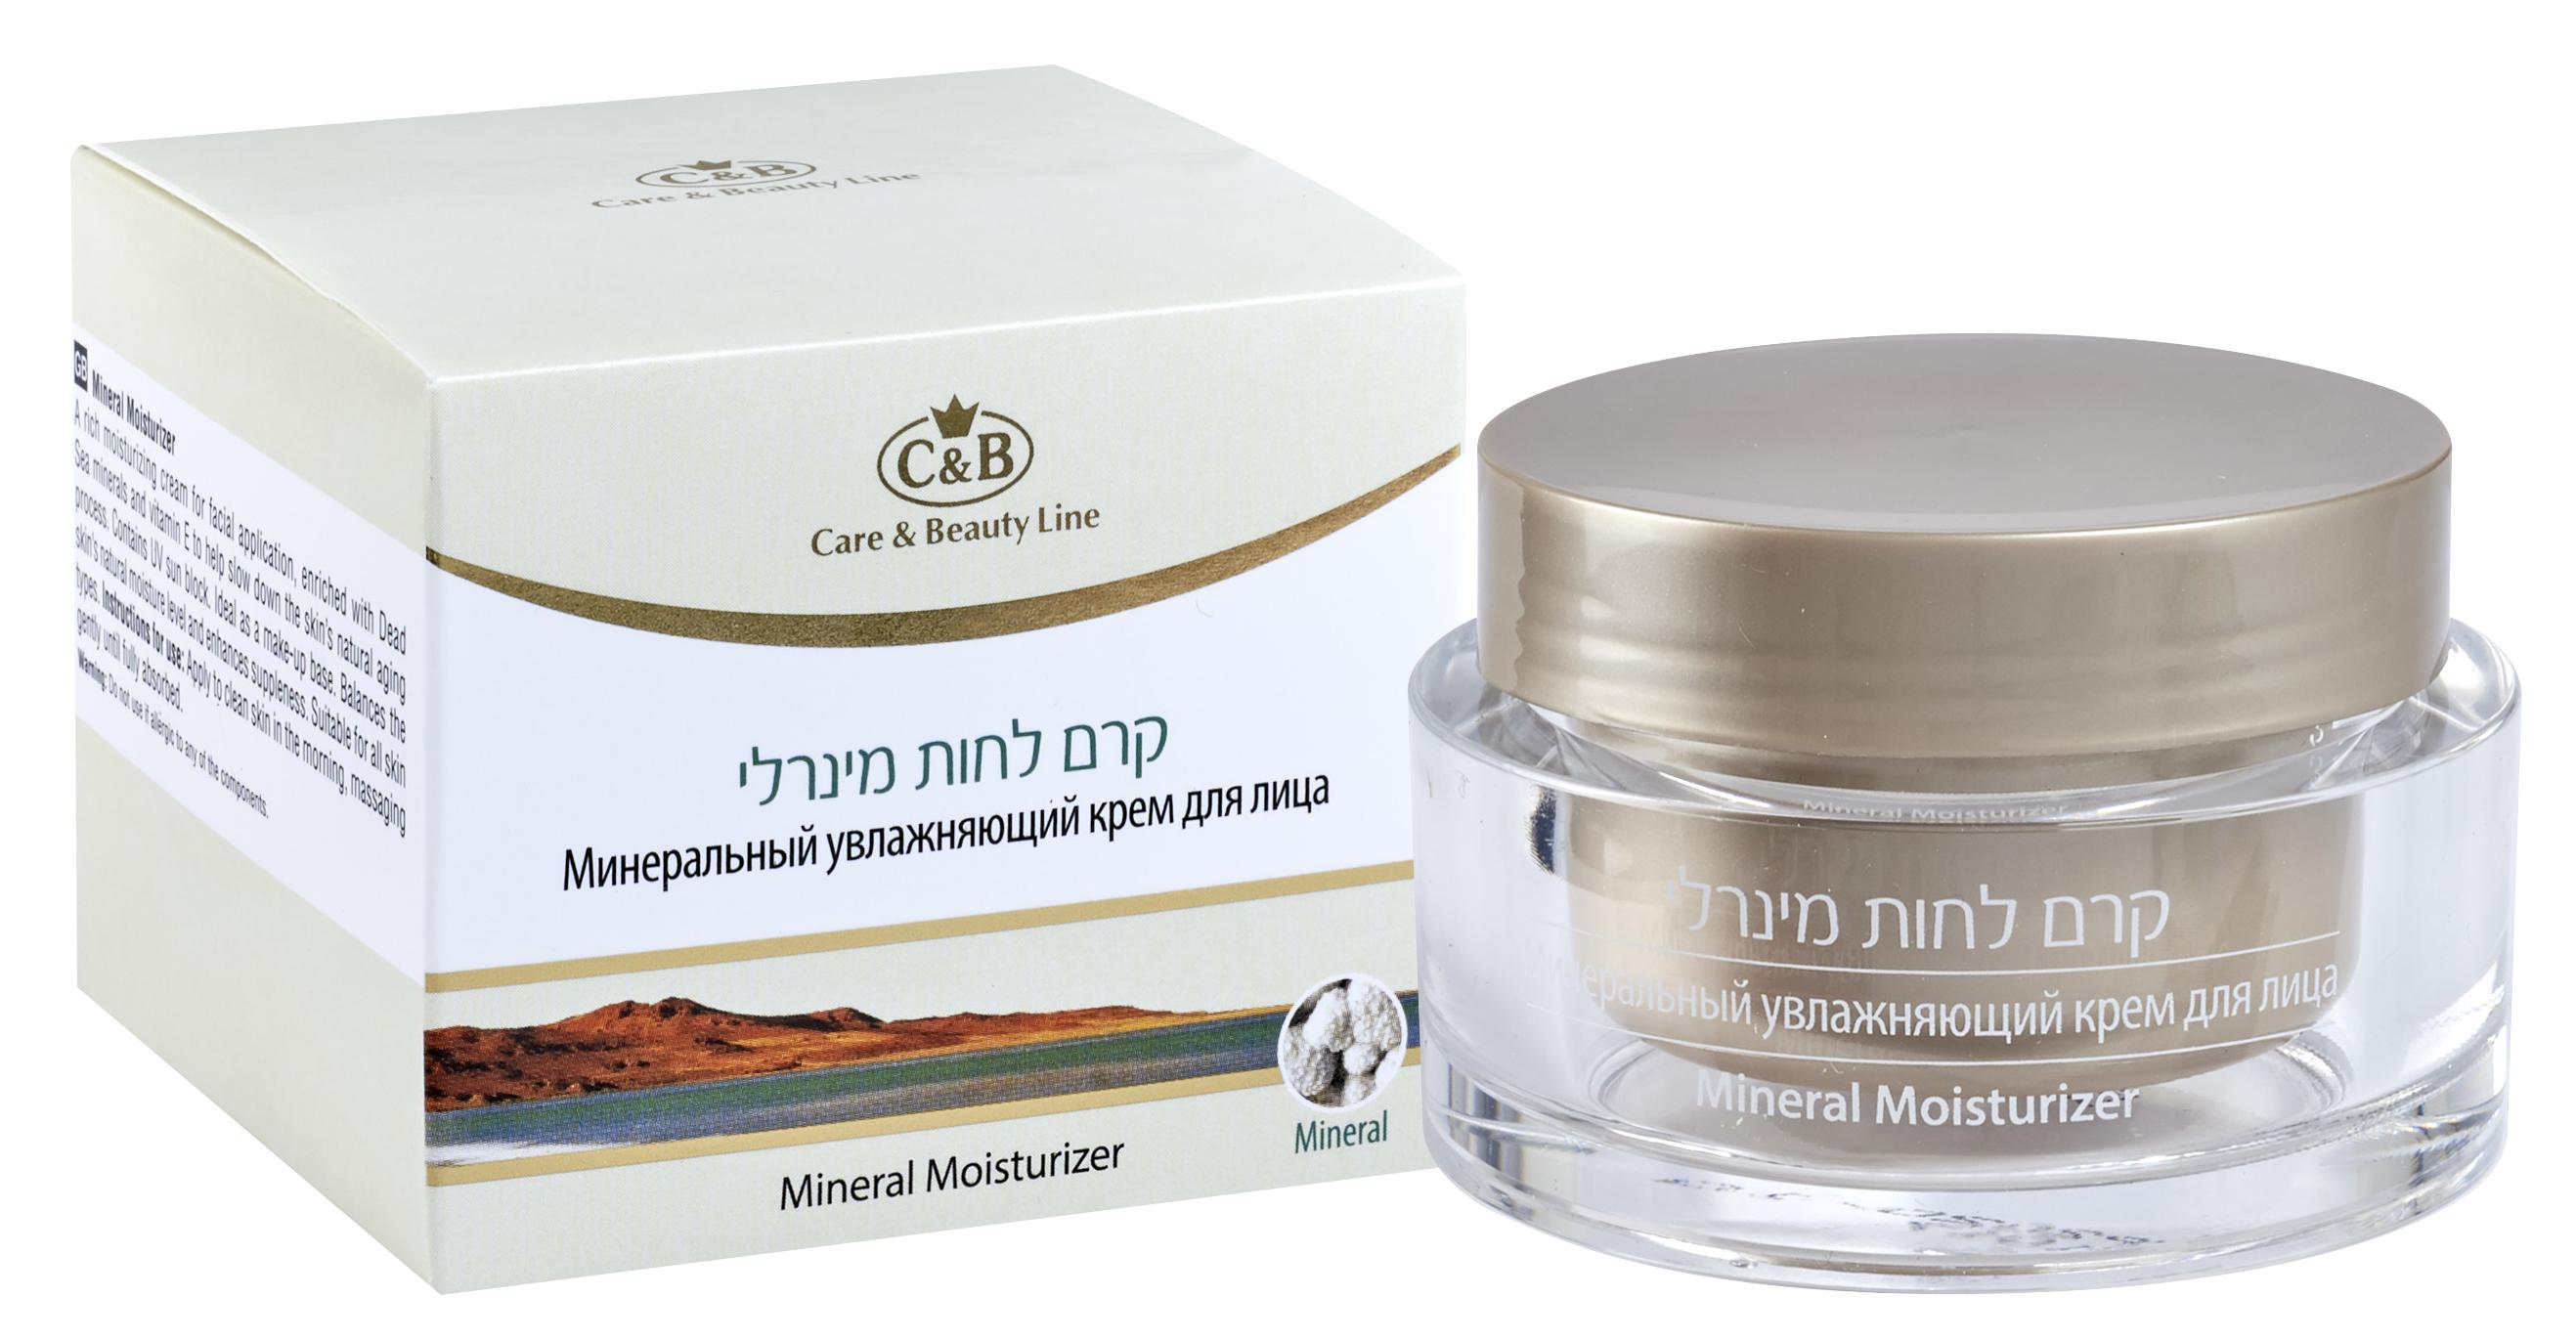 Минеральный увлажняющий крем для лица 50мл ТМ Care& Beauty Line Care& Beauty Line